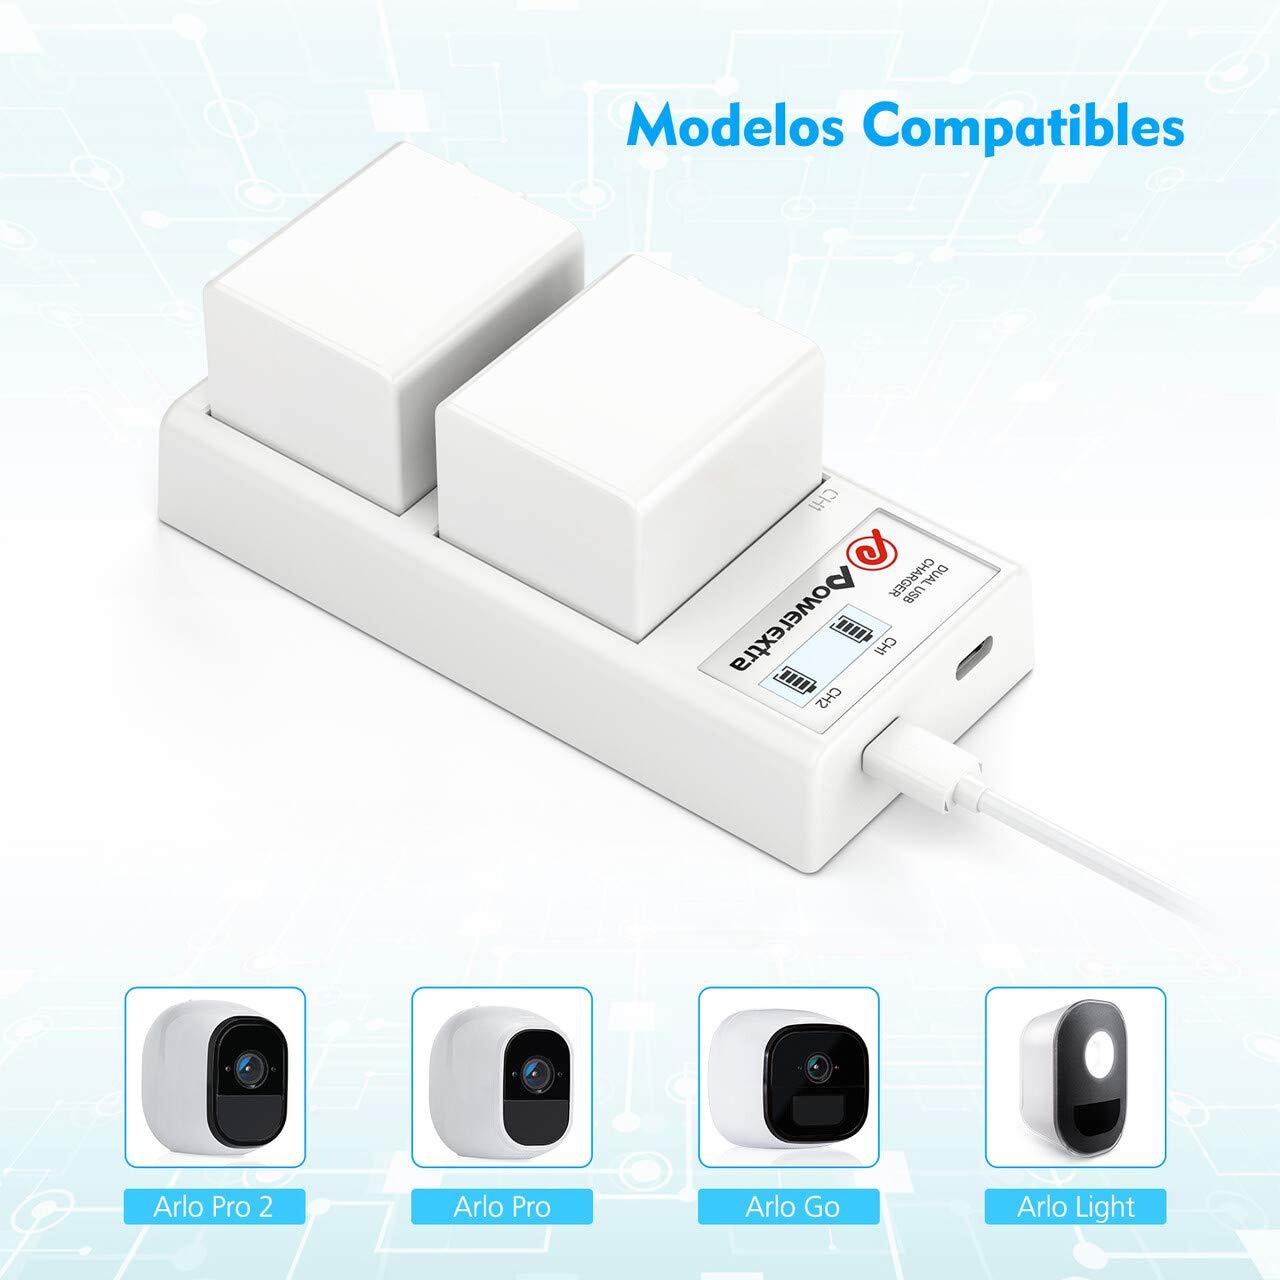 Powerextra Estación de Cargador de Batería Arlo, Cargador de Batería Dual con Adaptador para Arlo Pro, Arlo Pro 2, Arlo GO Cámara de Seguridad Arlo Light